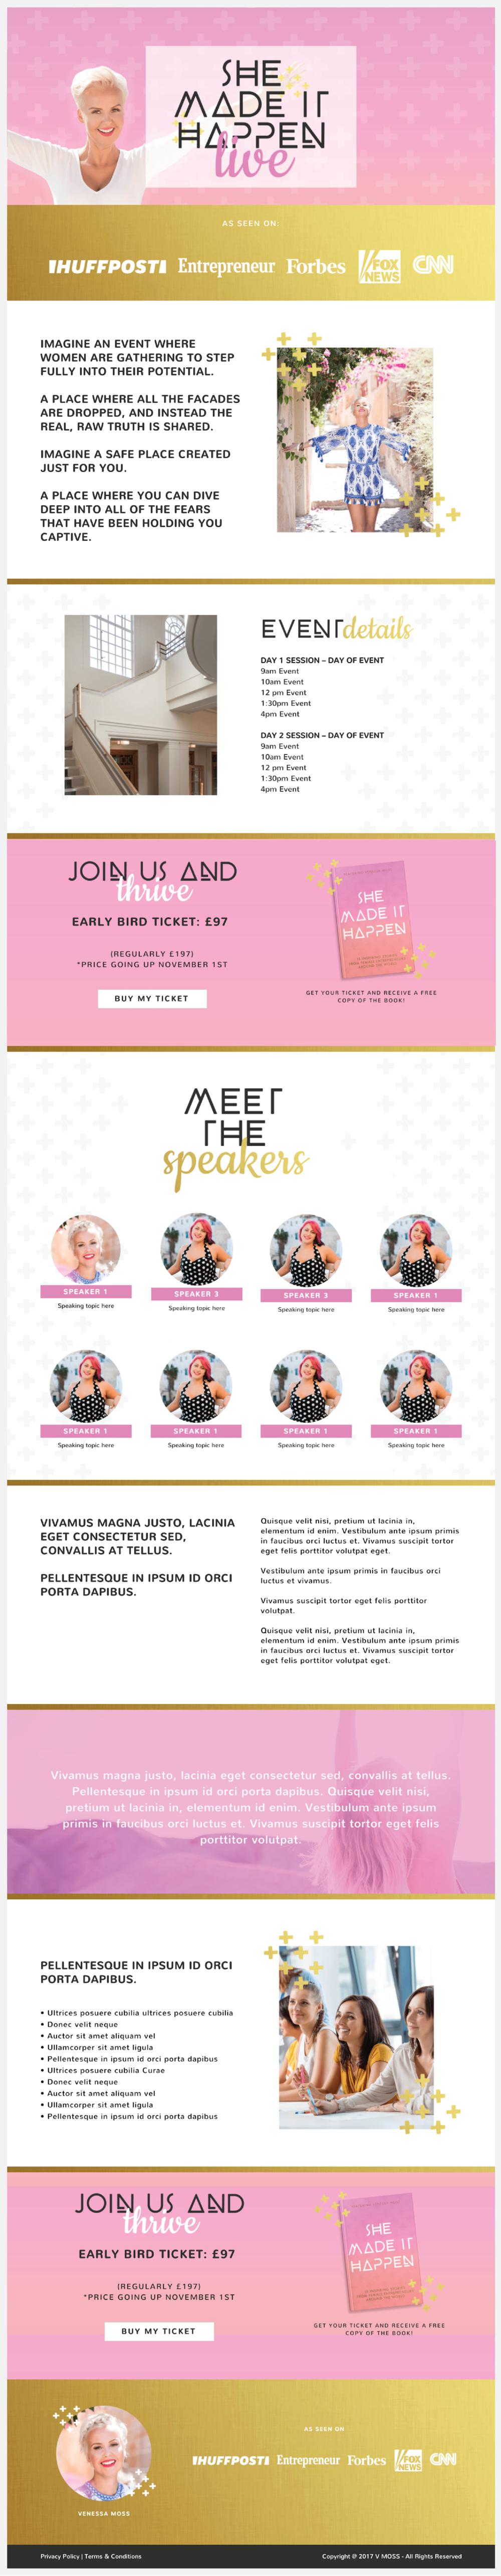 venessa_event_clickfunnels_sales_page_design.png